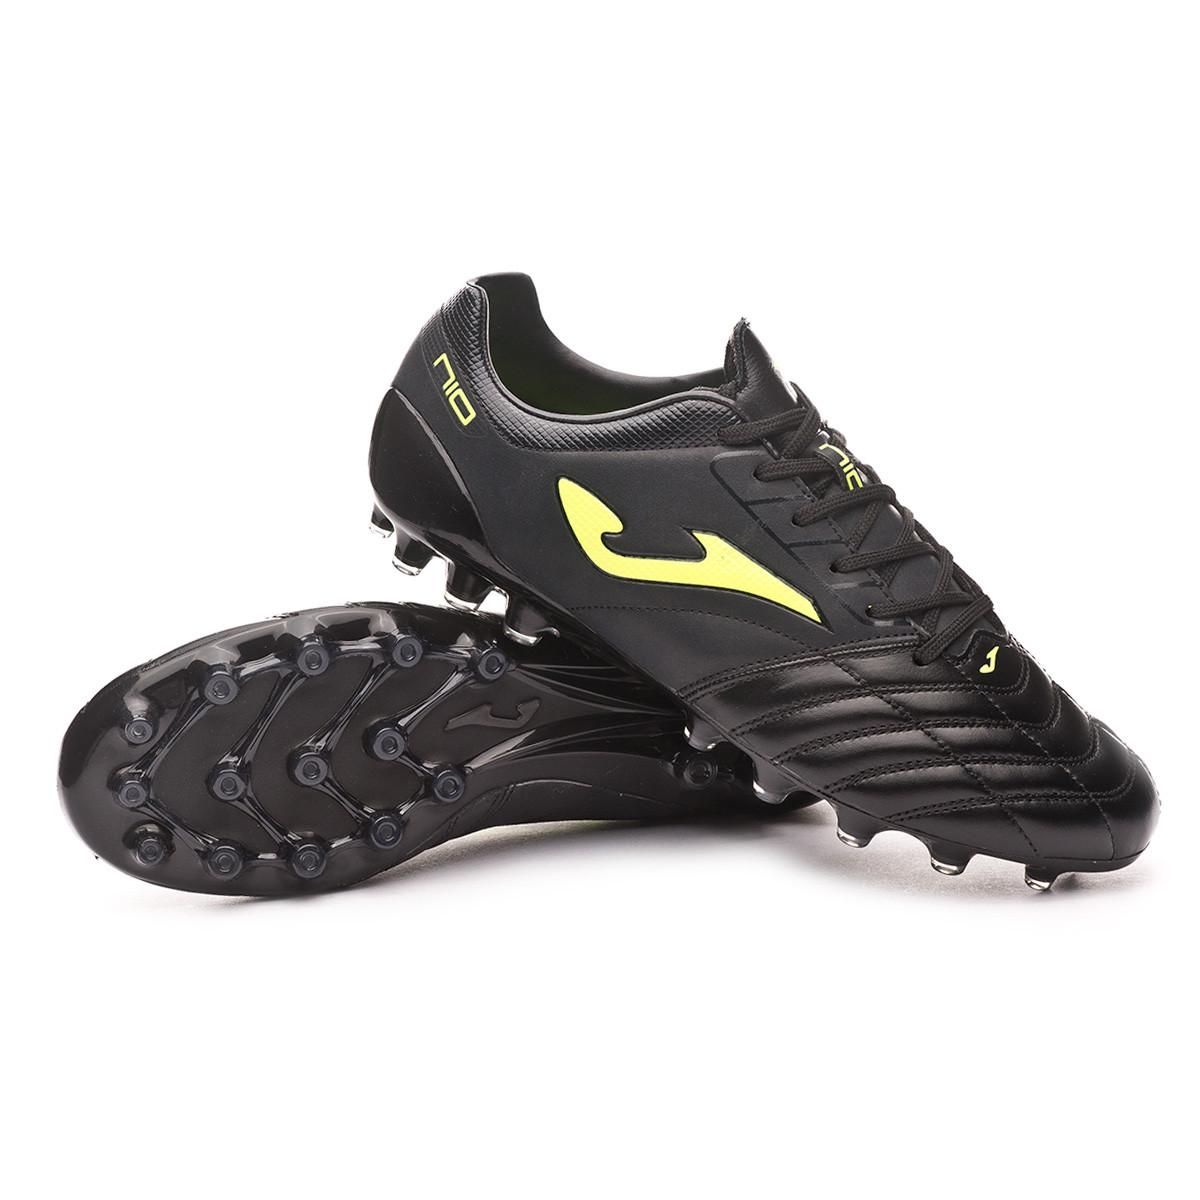 risorsa spazzato dal vento simpatia  Scarpe Joma N10 Pro Nero-Giallo - Negozio di calcio Fútbol Emotion